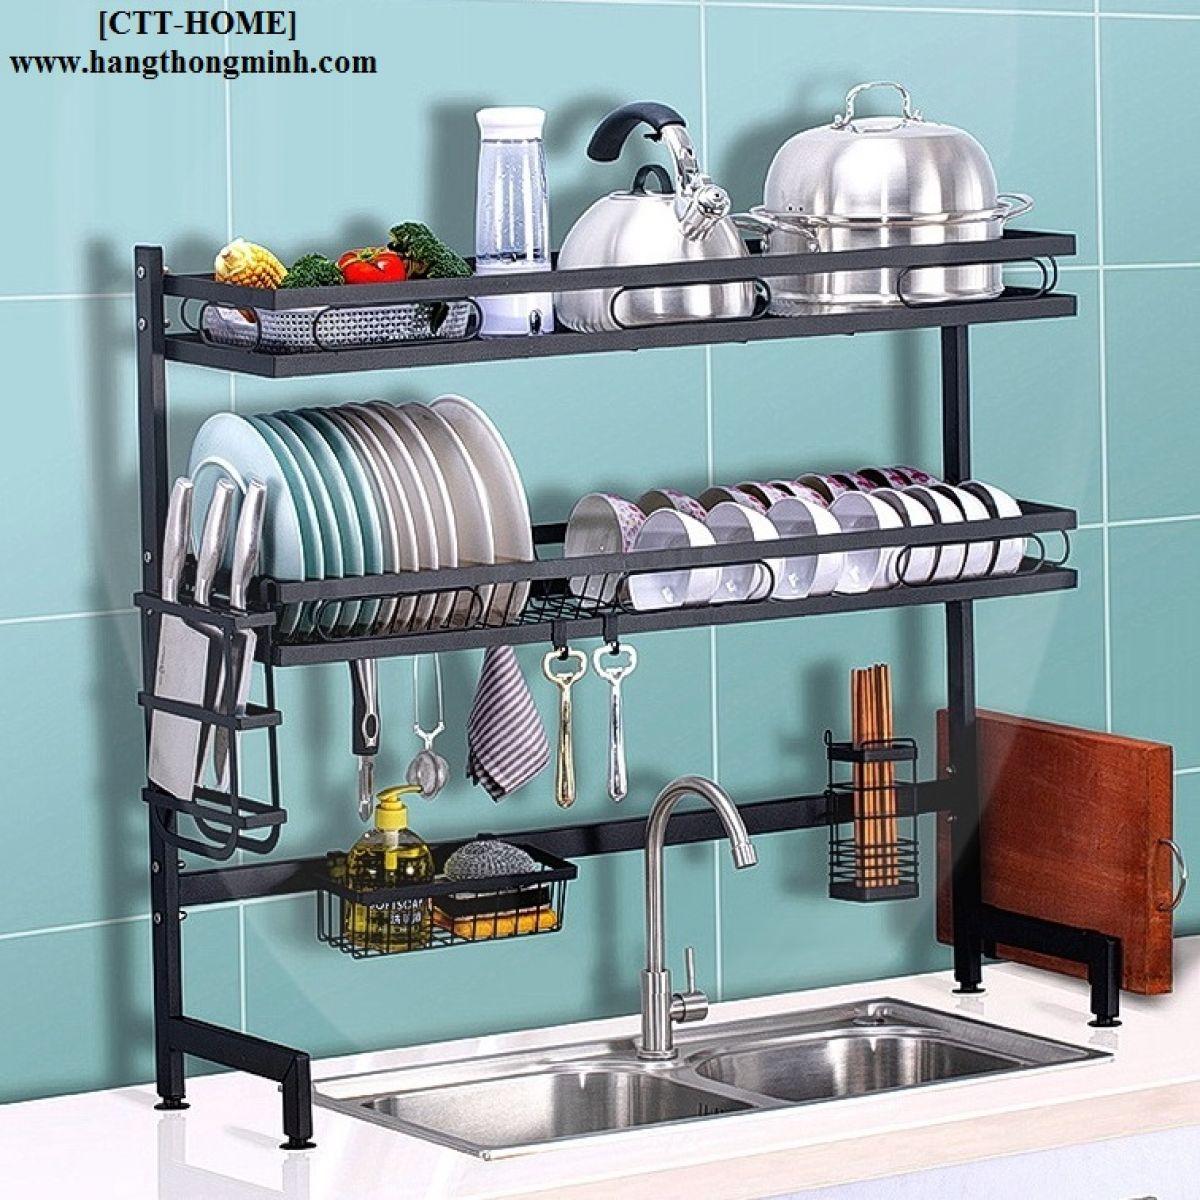 Giá Kệ Phơi Chén Bát Đĩa Để Bàn Bếp Đa Năng 2 Tầng - Mã KC2T85